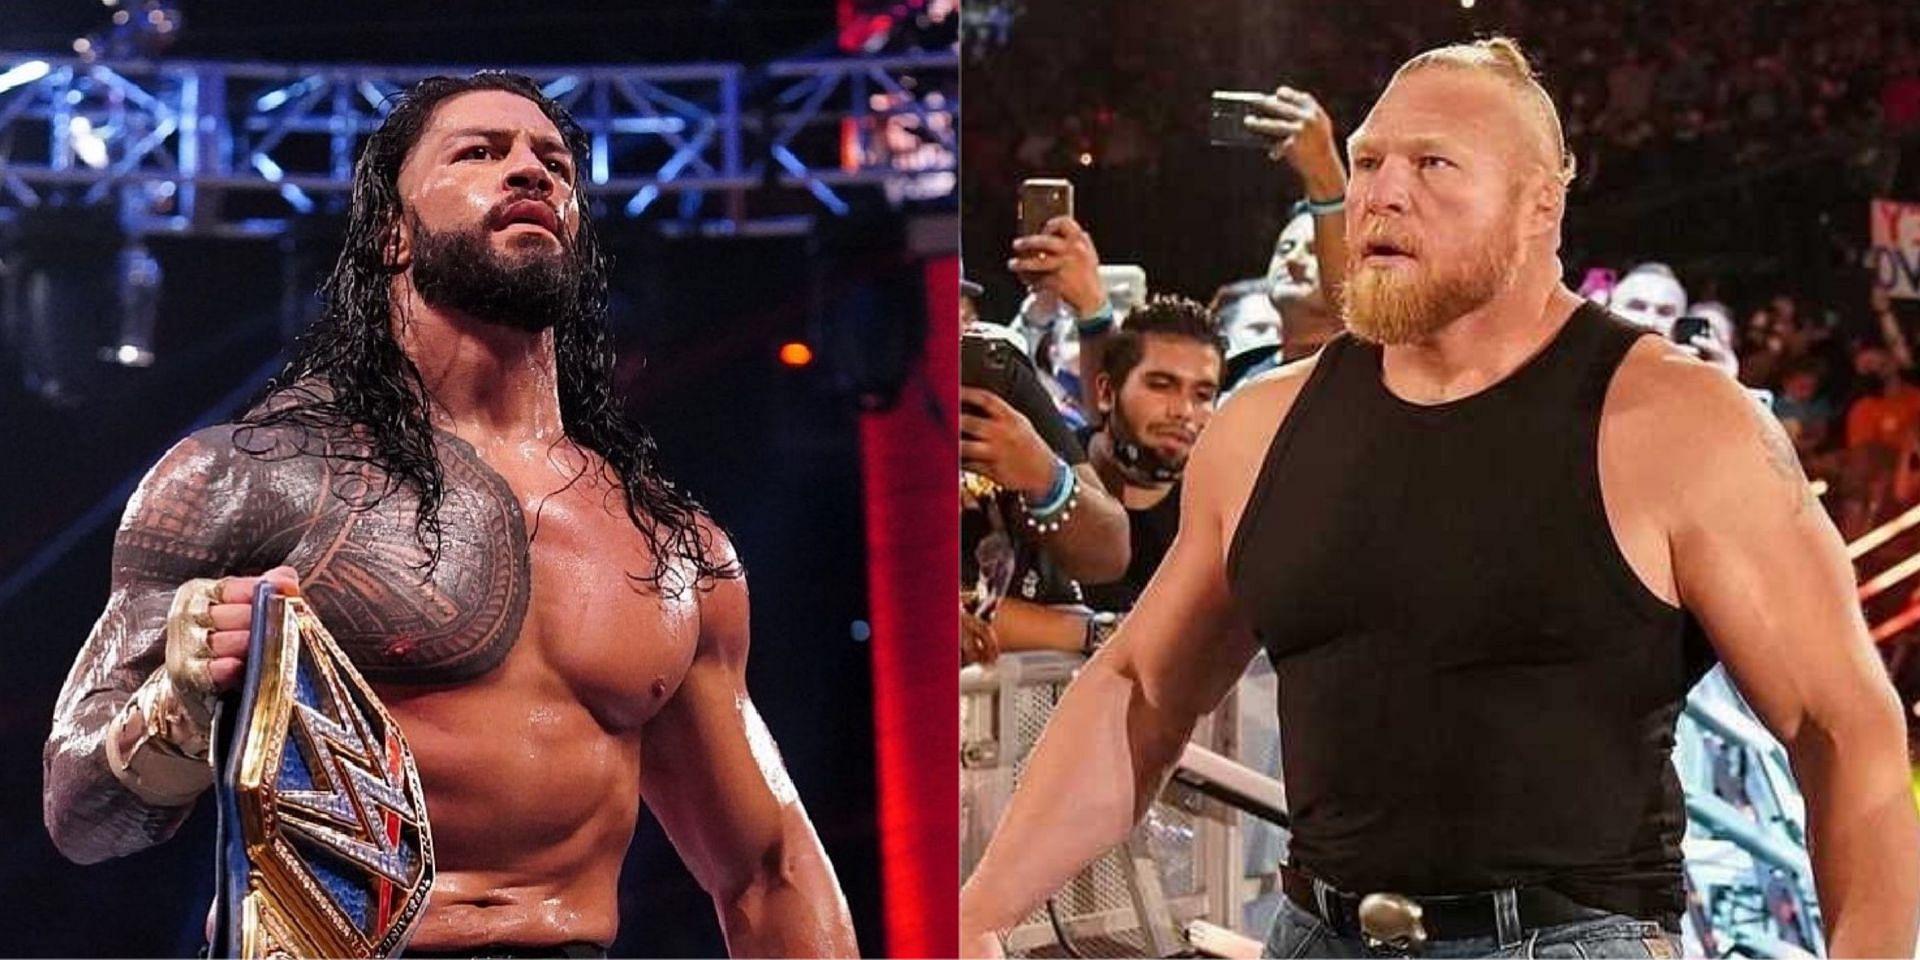 WWE Crown Jewel में रोमन रेंस और ब्रॉक लैसनर के बीच धमाकेदार मैच होगा